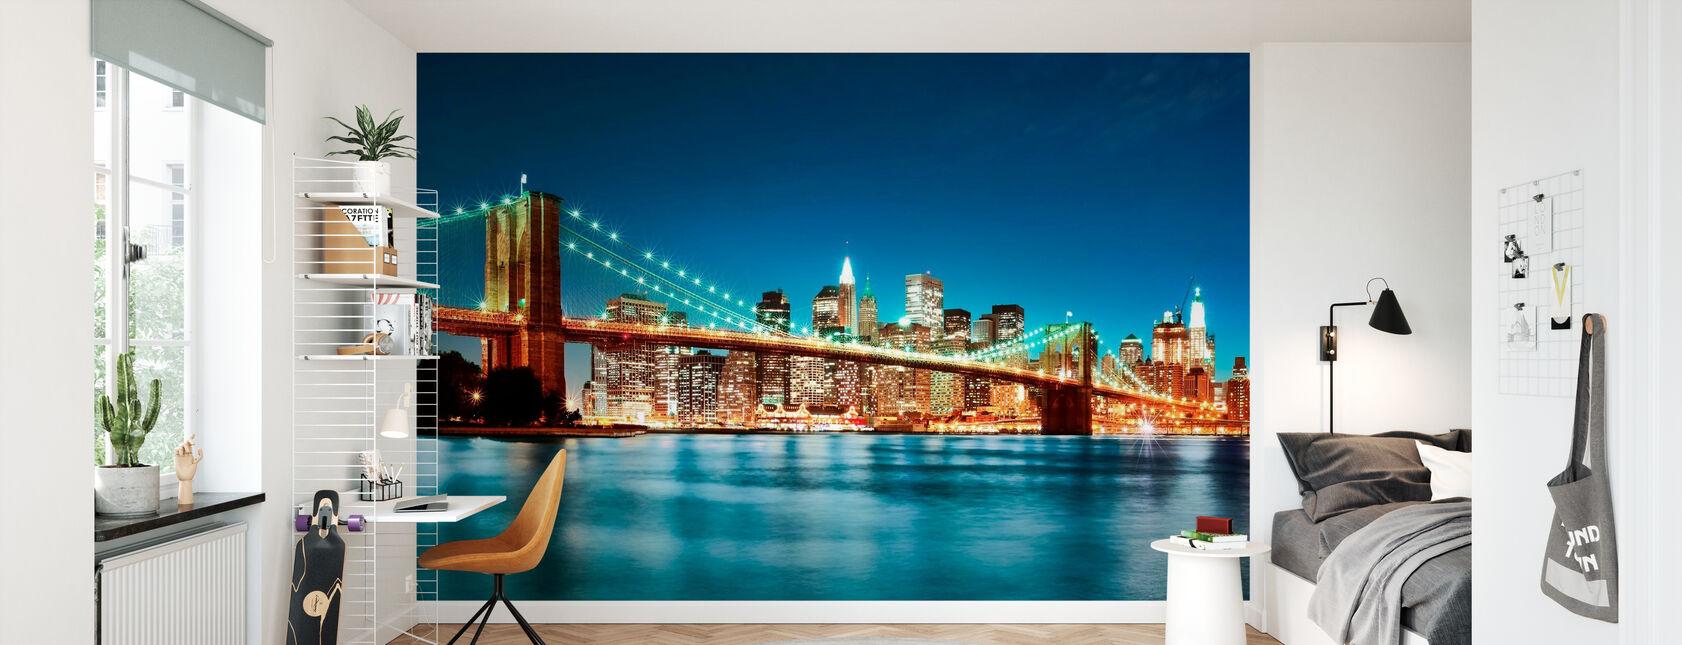 Bright Brooklyn Bridge - Wallpaper - Kids Room